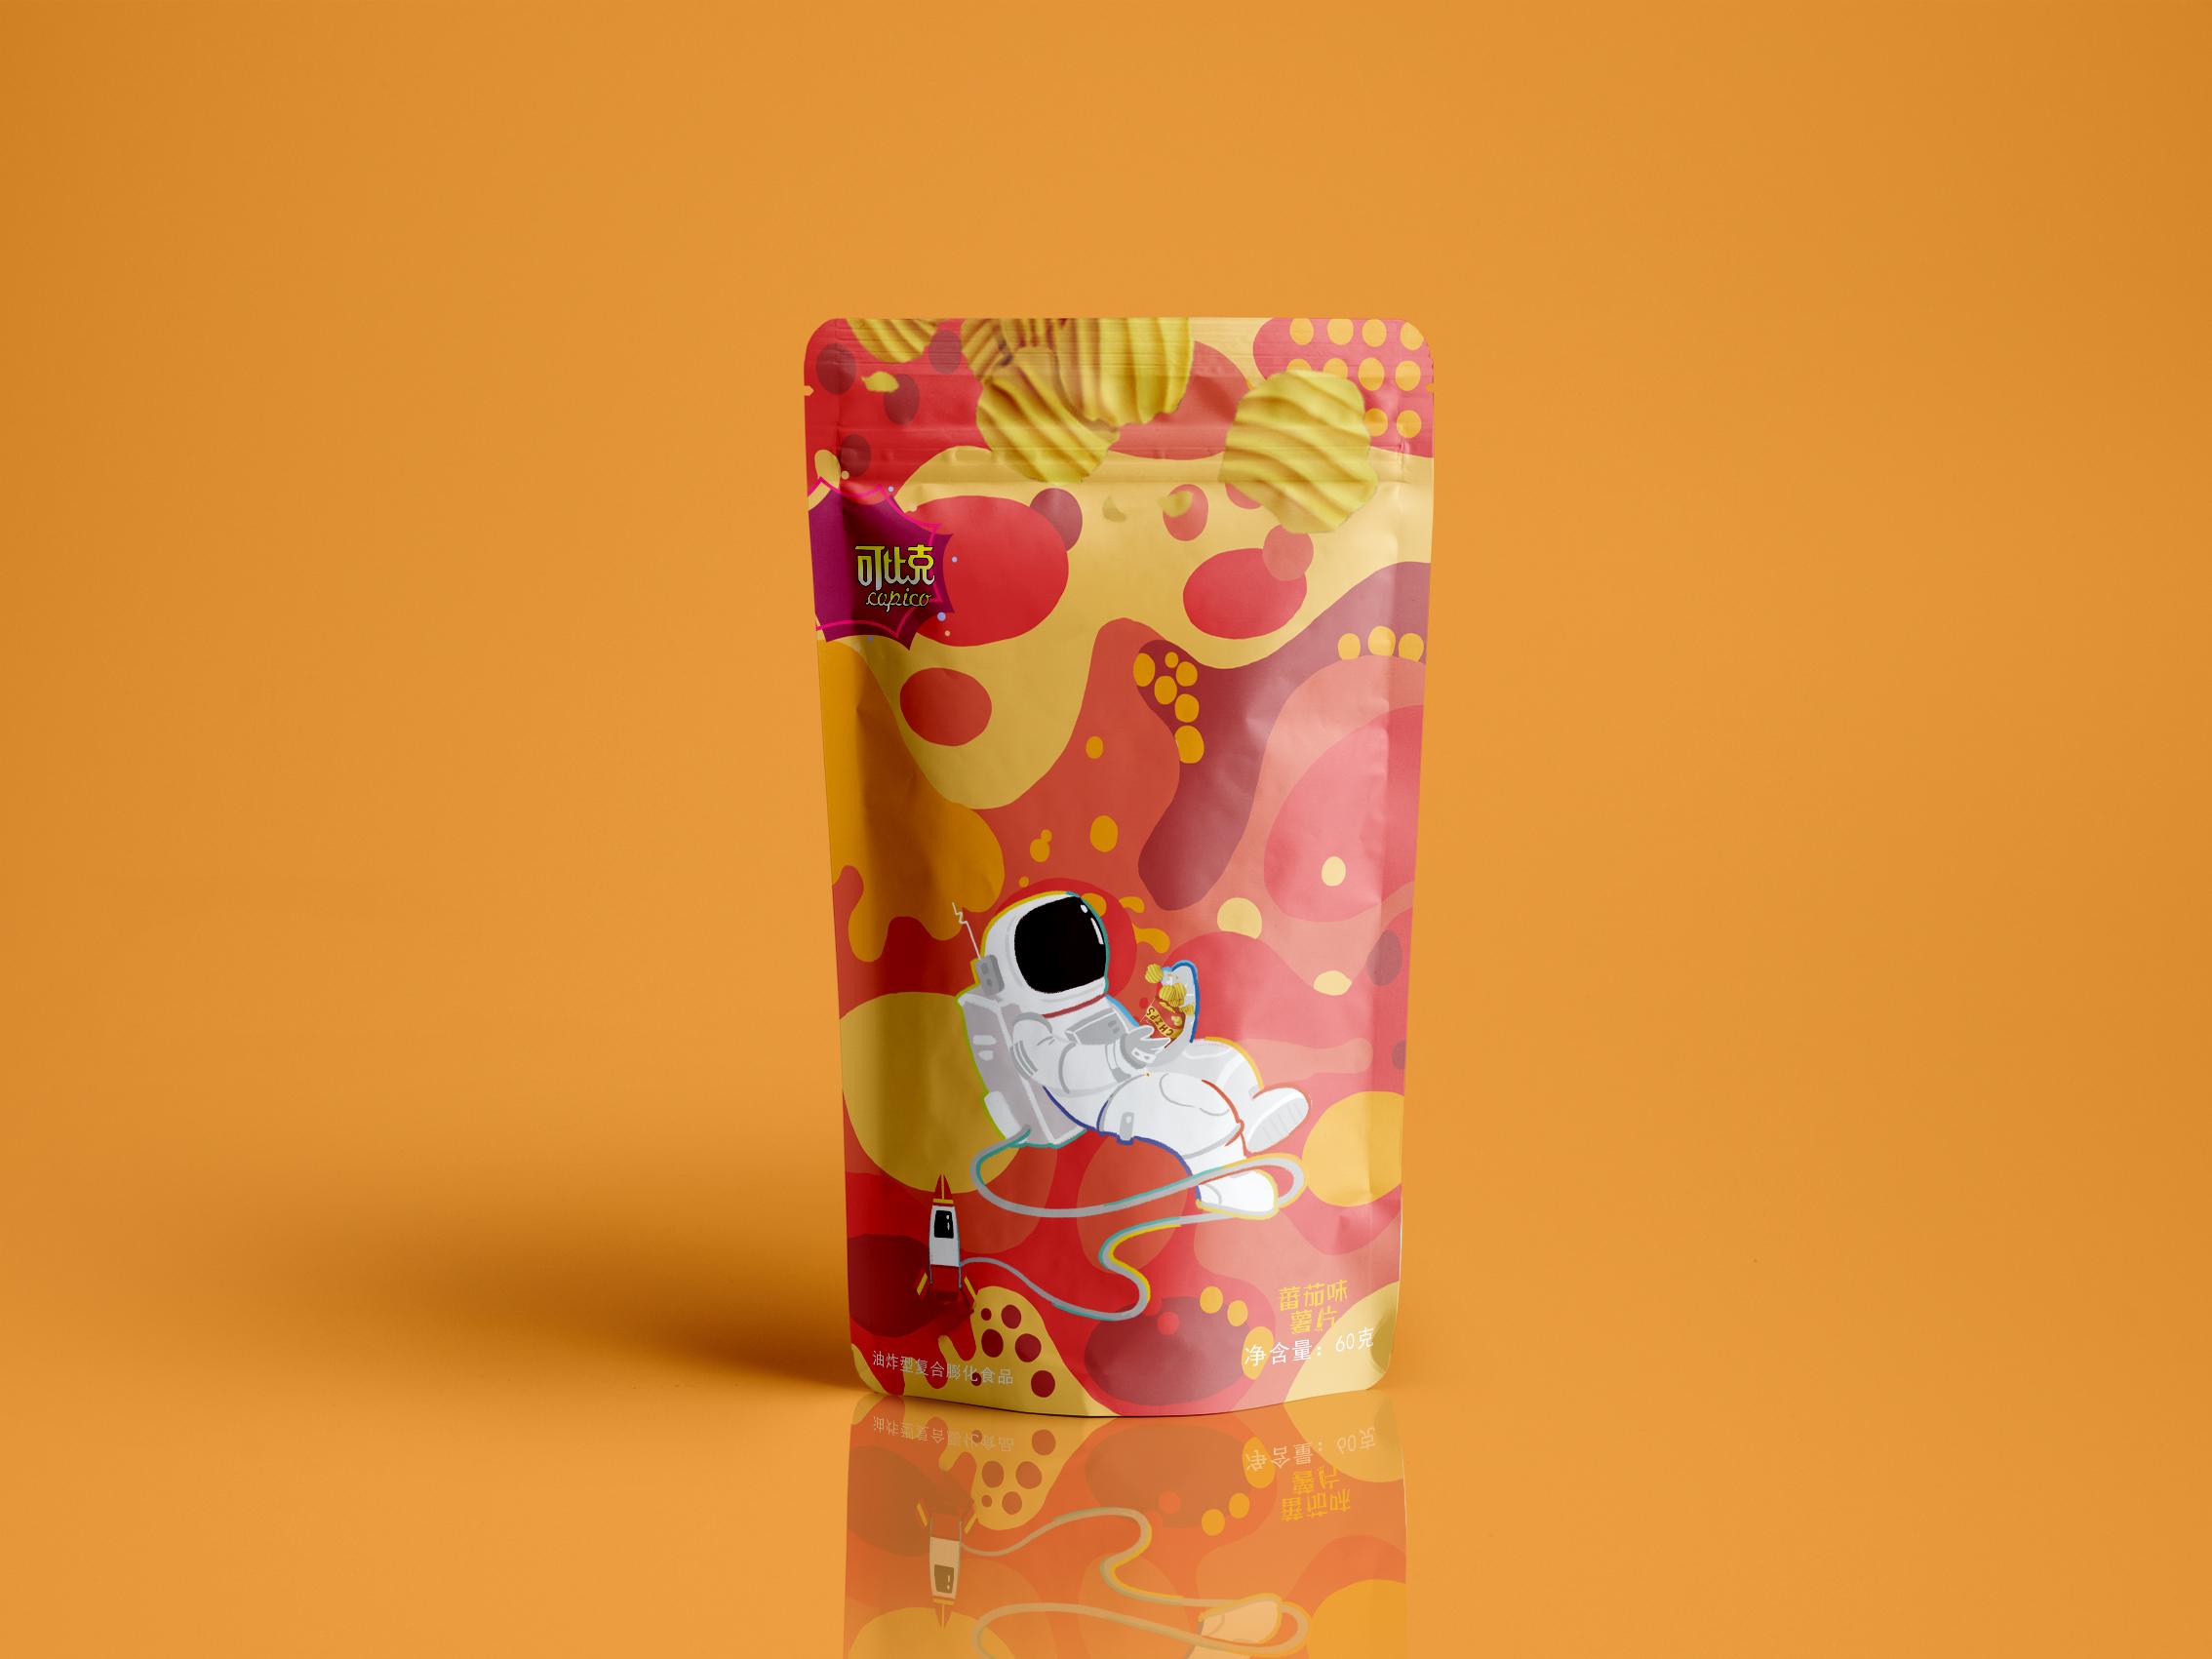 国潮国风插画白酒红酒啤酒饮料矿泉水瓶瓶贴标签盒礼手绘包装设计